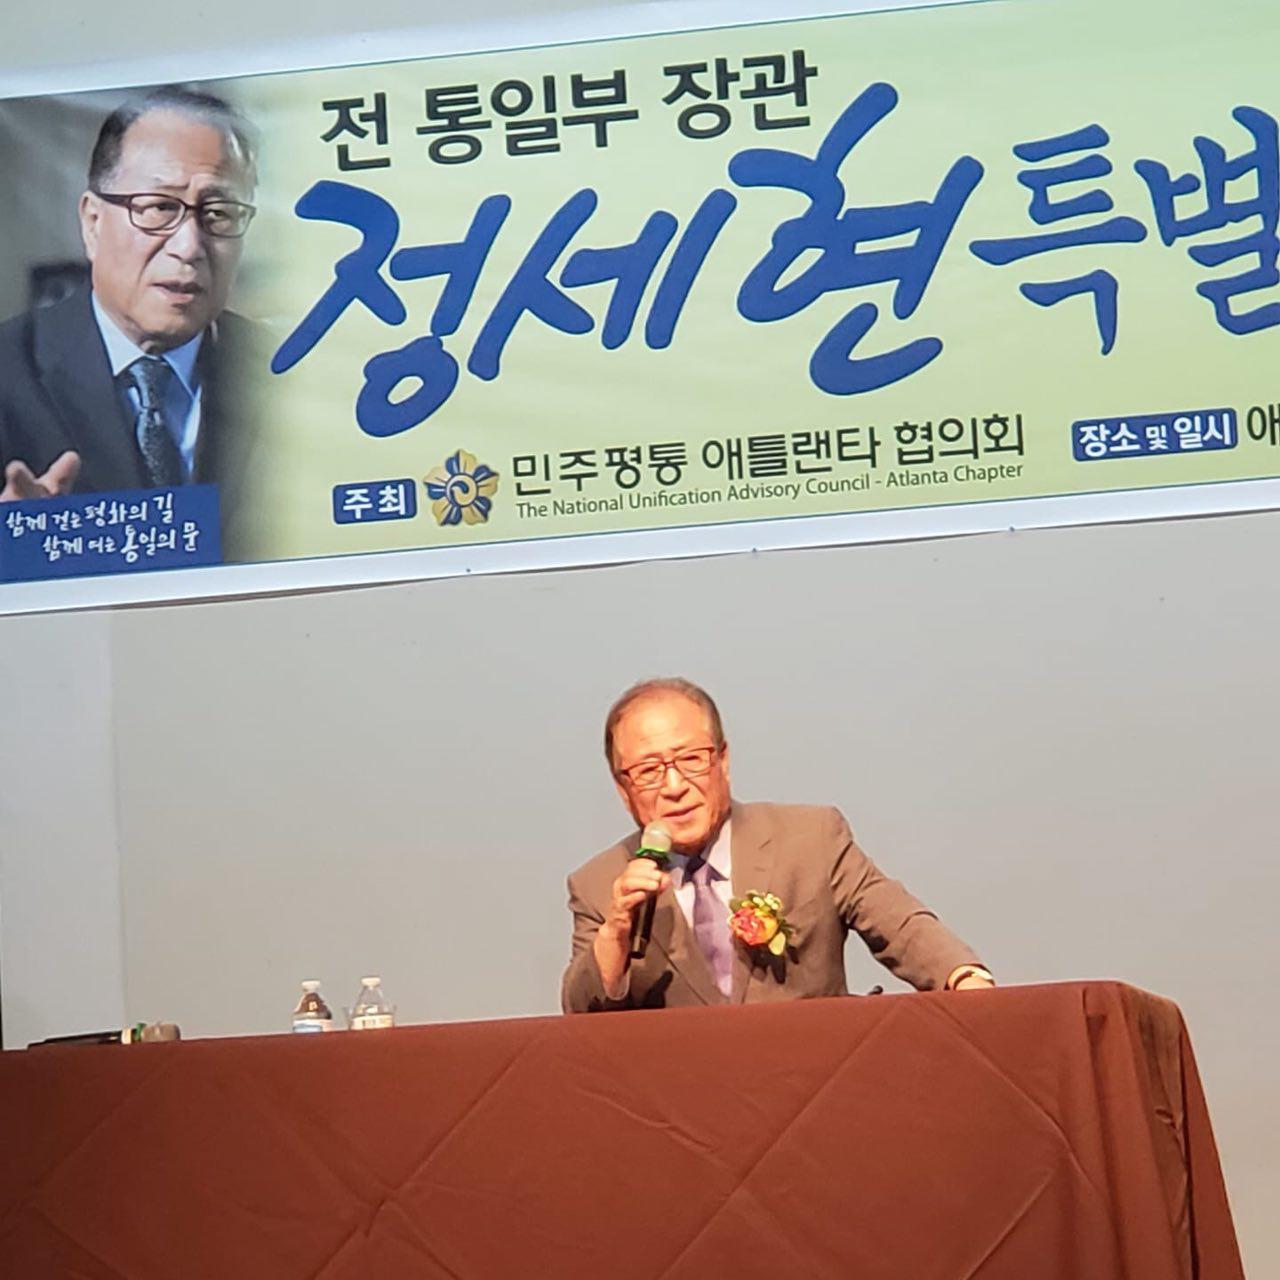 정세현 전 통일부 장관 미주순회 강연회 7월 3일, 애틀란타 한인회관에서 열렸다